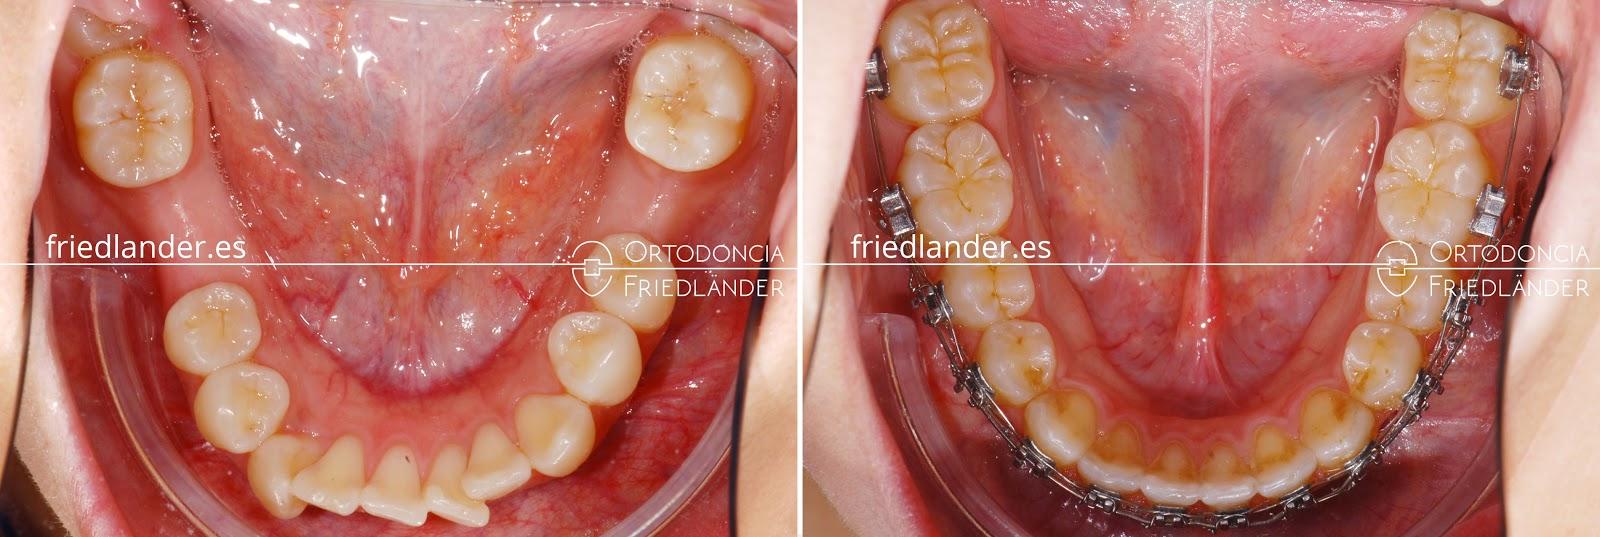 Me falta una muela - ¿se puede cerrar el espacio con ortodoncia? 4